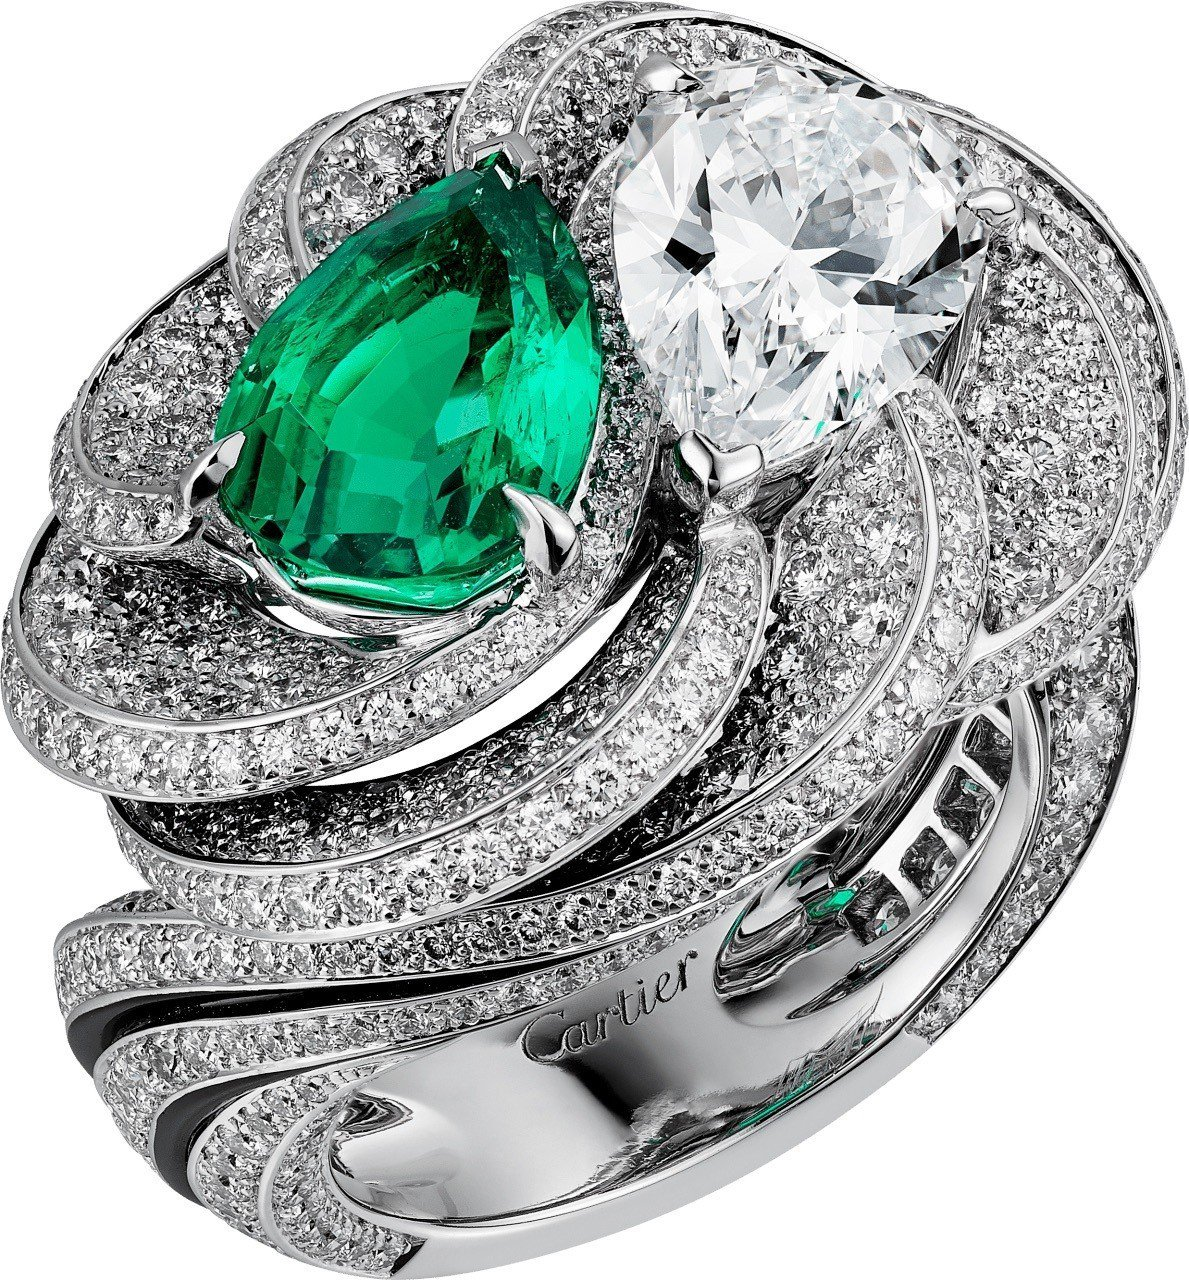 瑞秋懷茲配戴的卡地亞頂級珠寶系列戒指,18K 白金鑲嵌祖母綠、黑色真漆、鑽石,未...